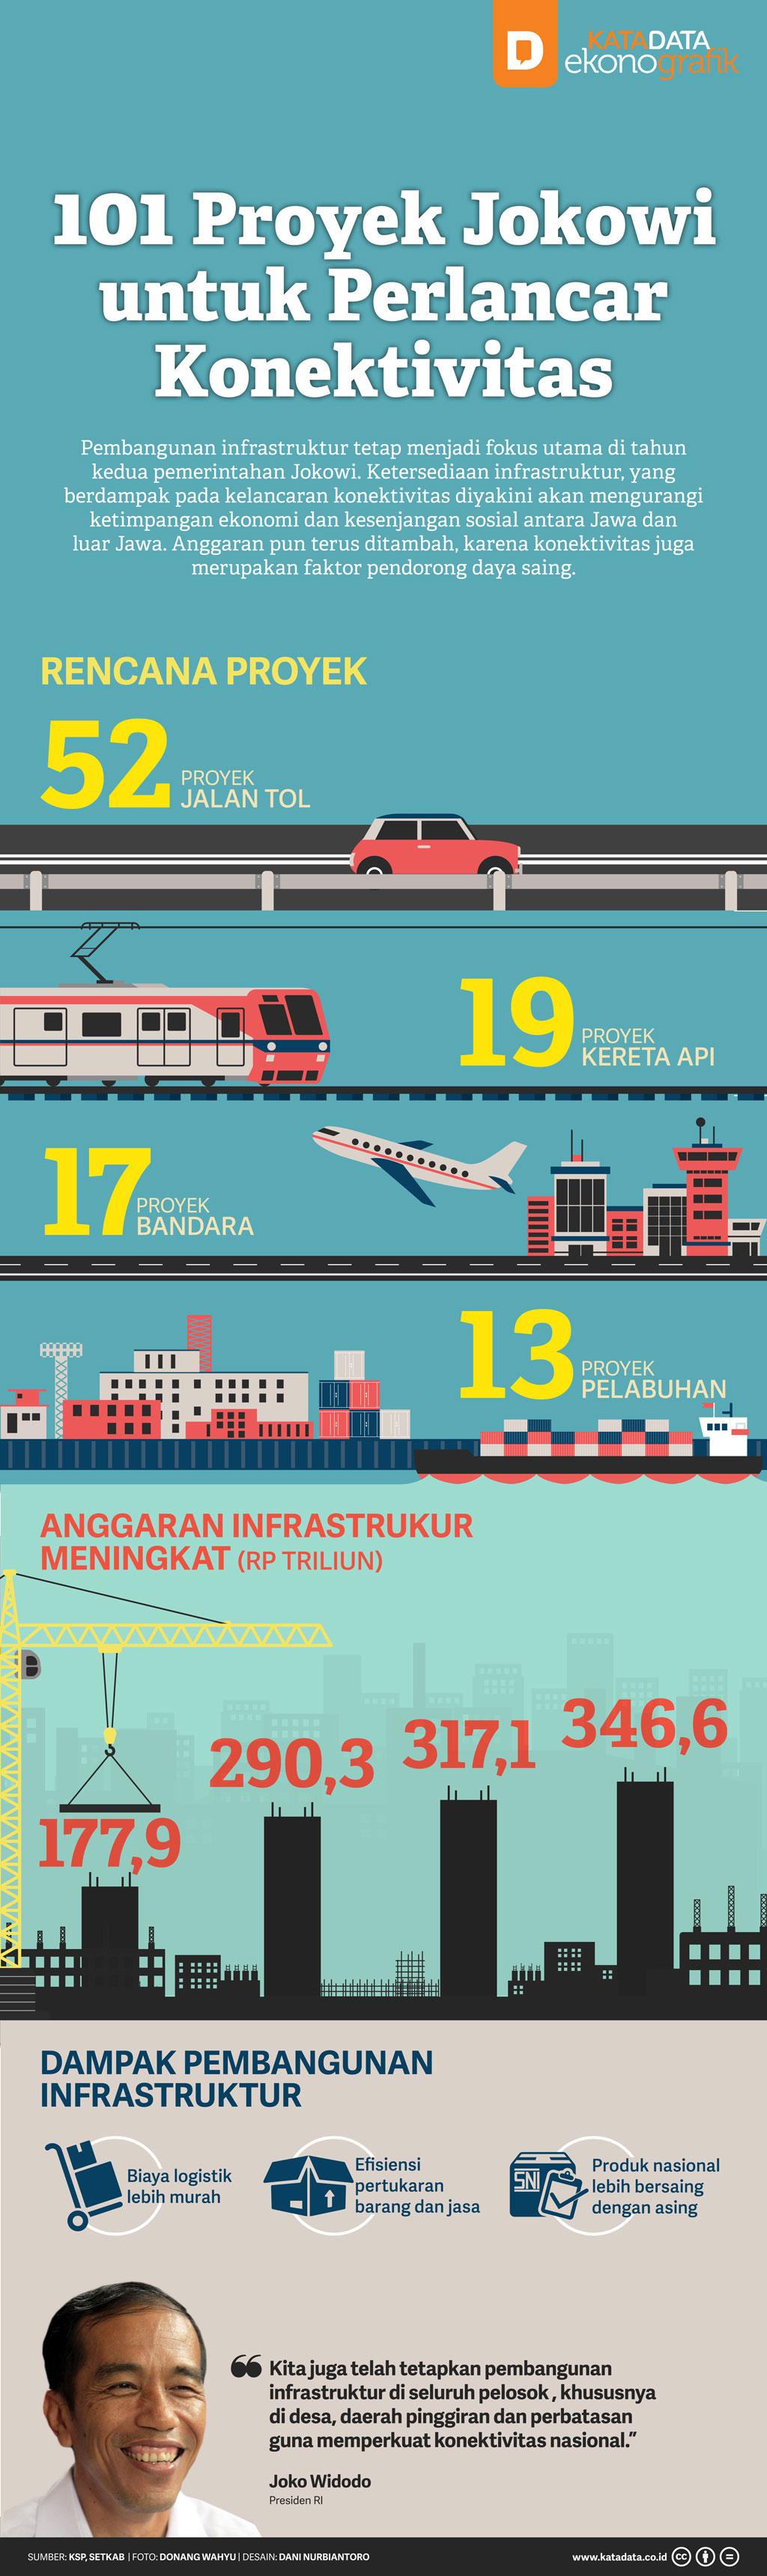 101 Proyek Jokowi untuk Perlancar Konektivitas